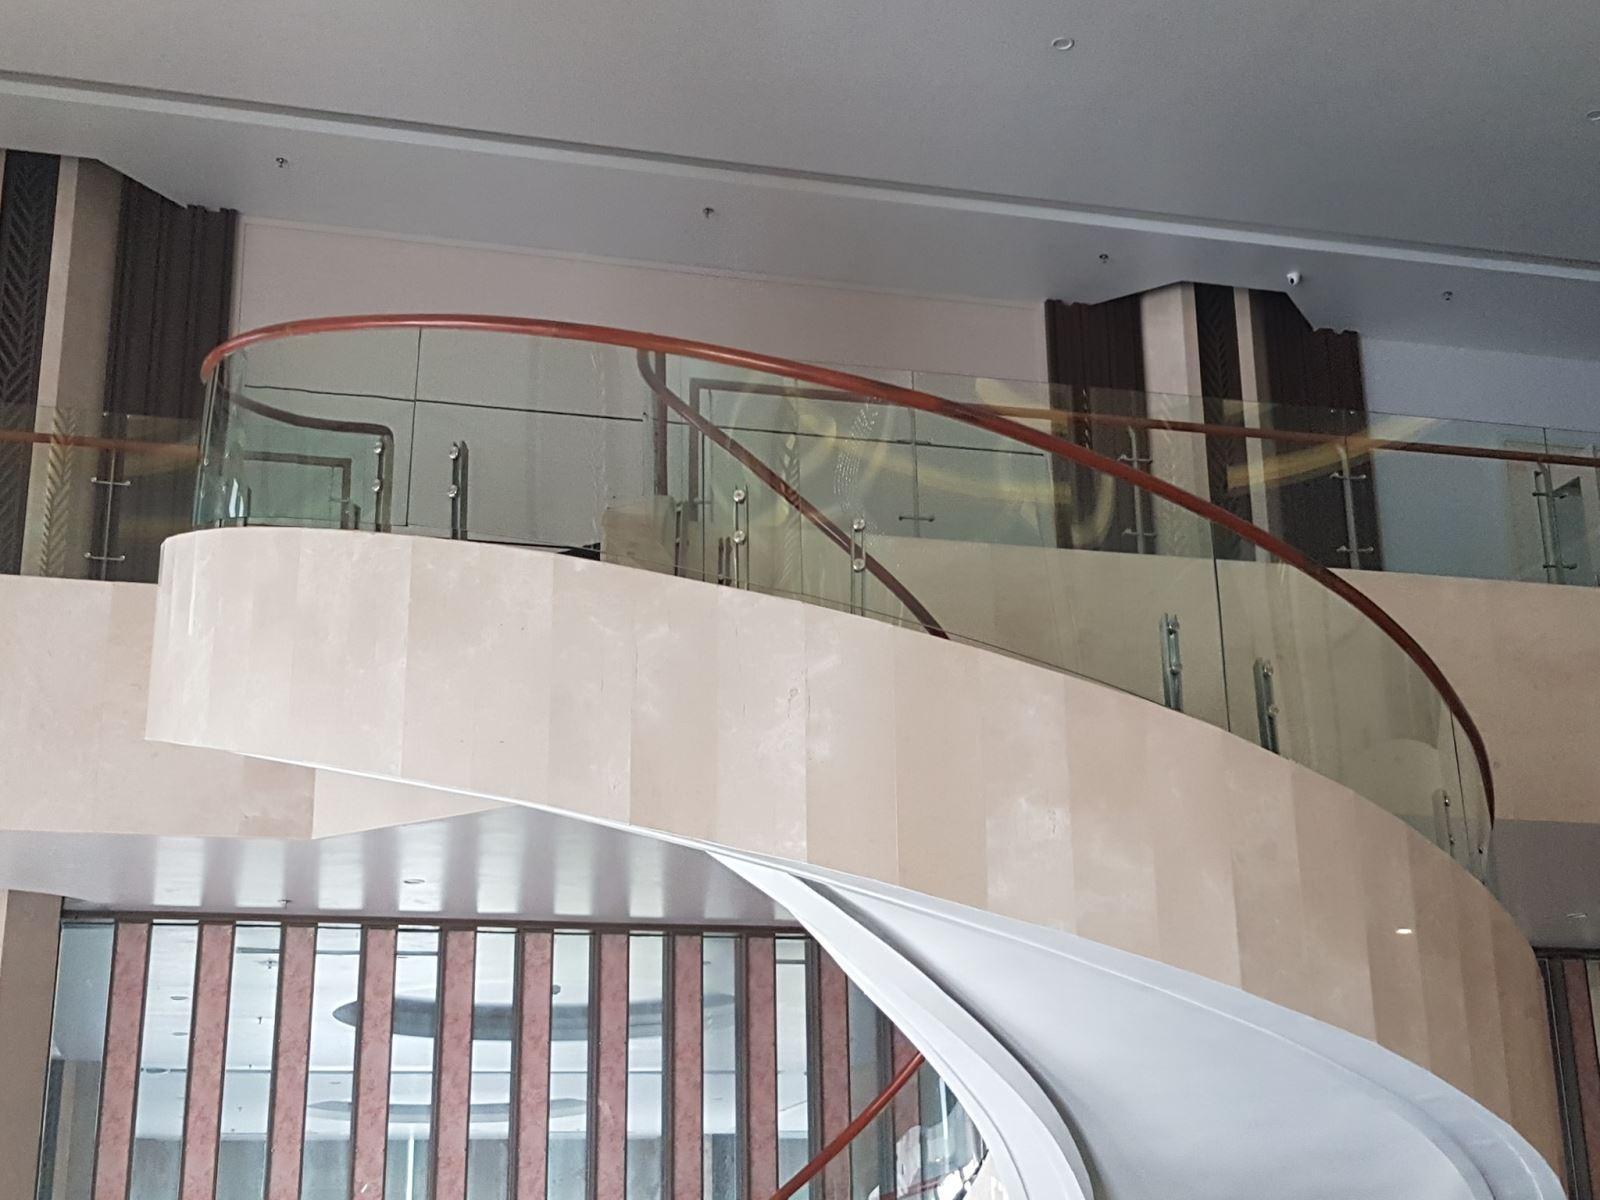 phụ kiện cầu thang kính cường lực ở Hà Nội